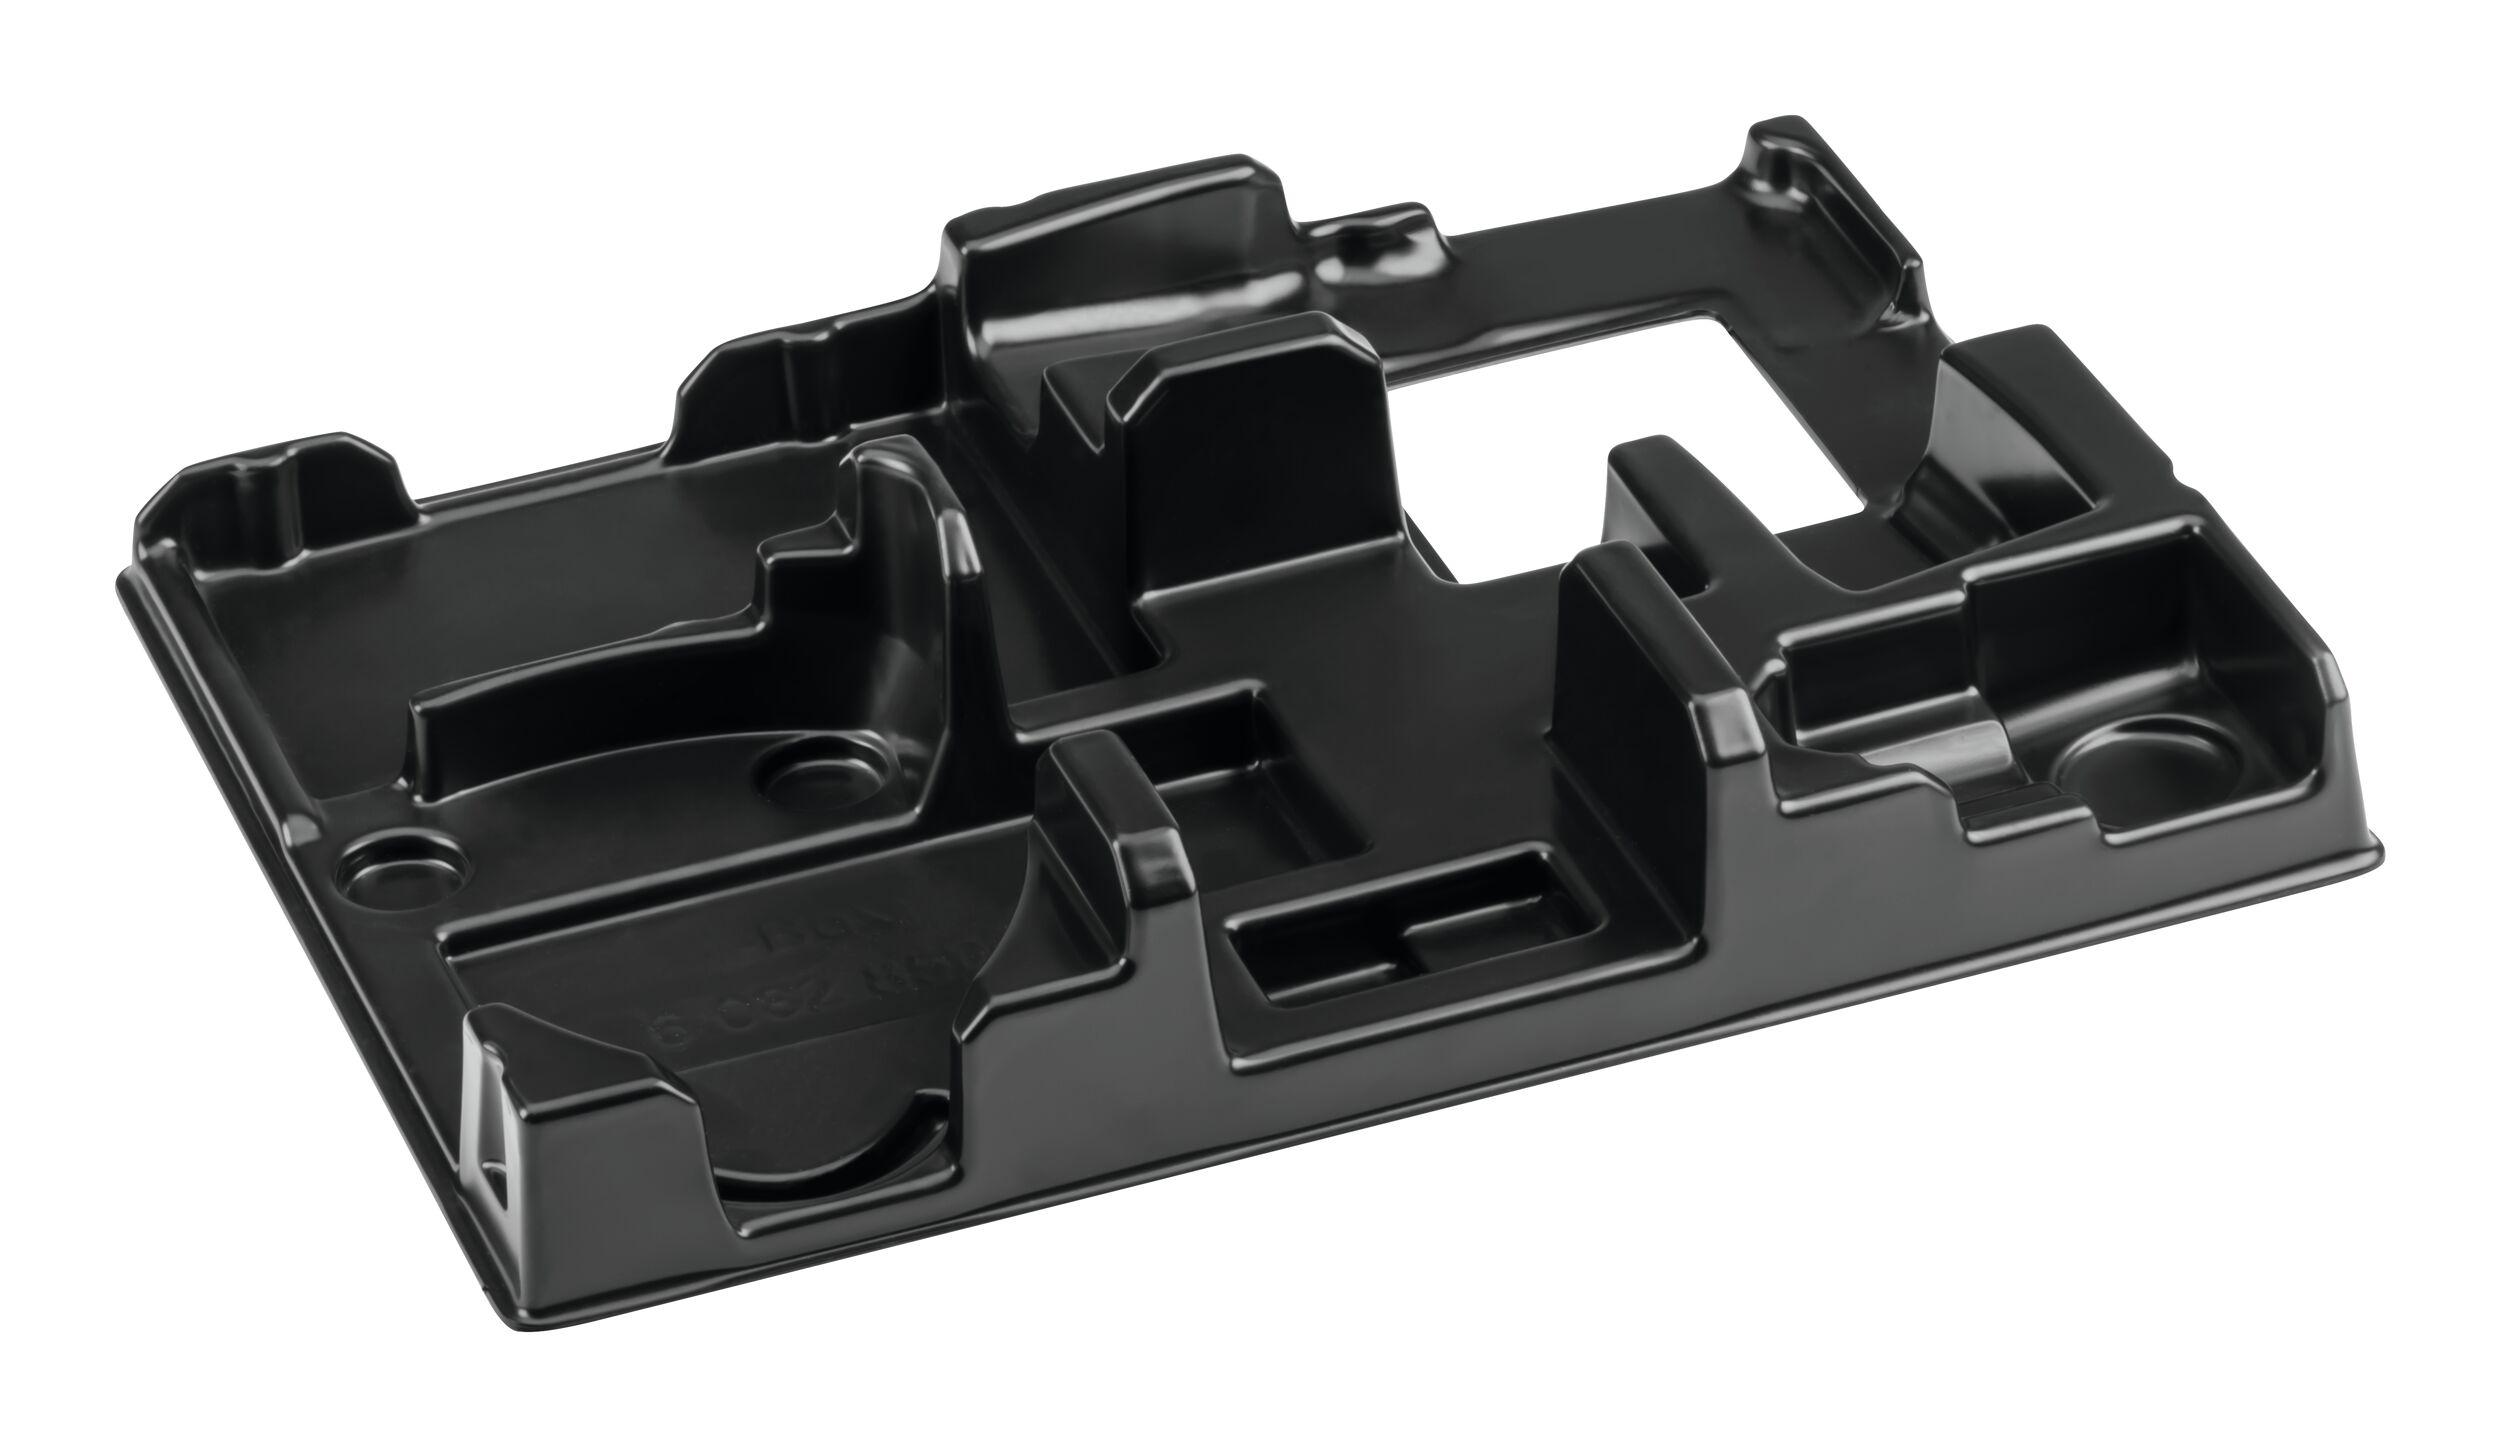 Bosch Blau Professional Einlage zur Werkzeugaufbewahrung für GDR / GSB /... 1600A003R8